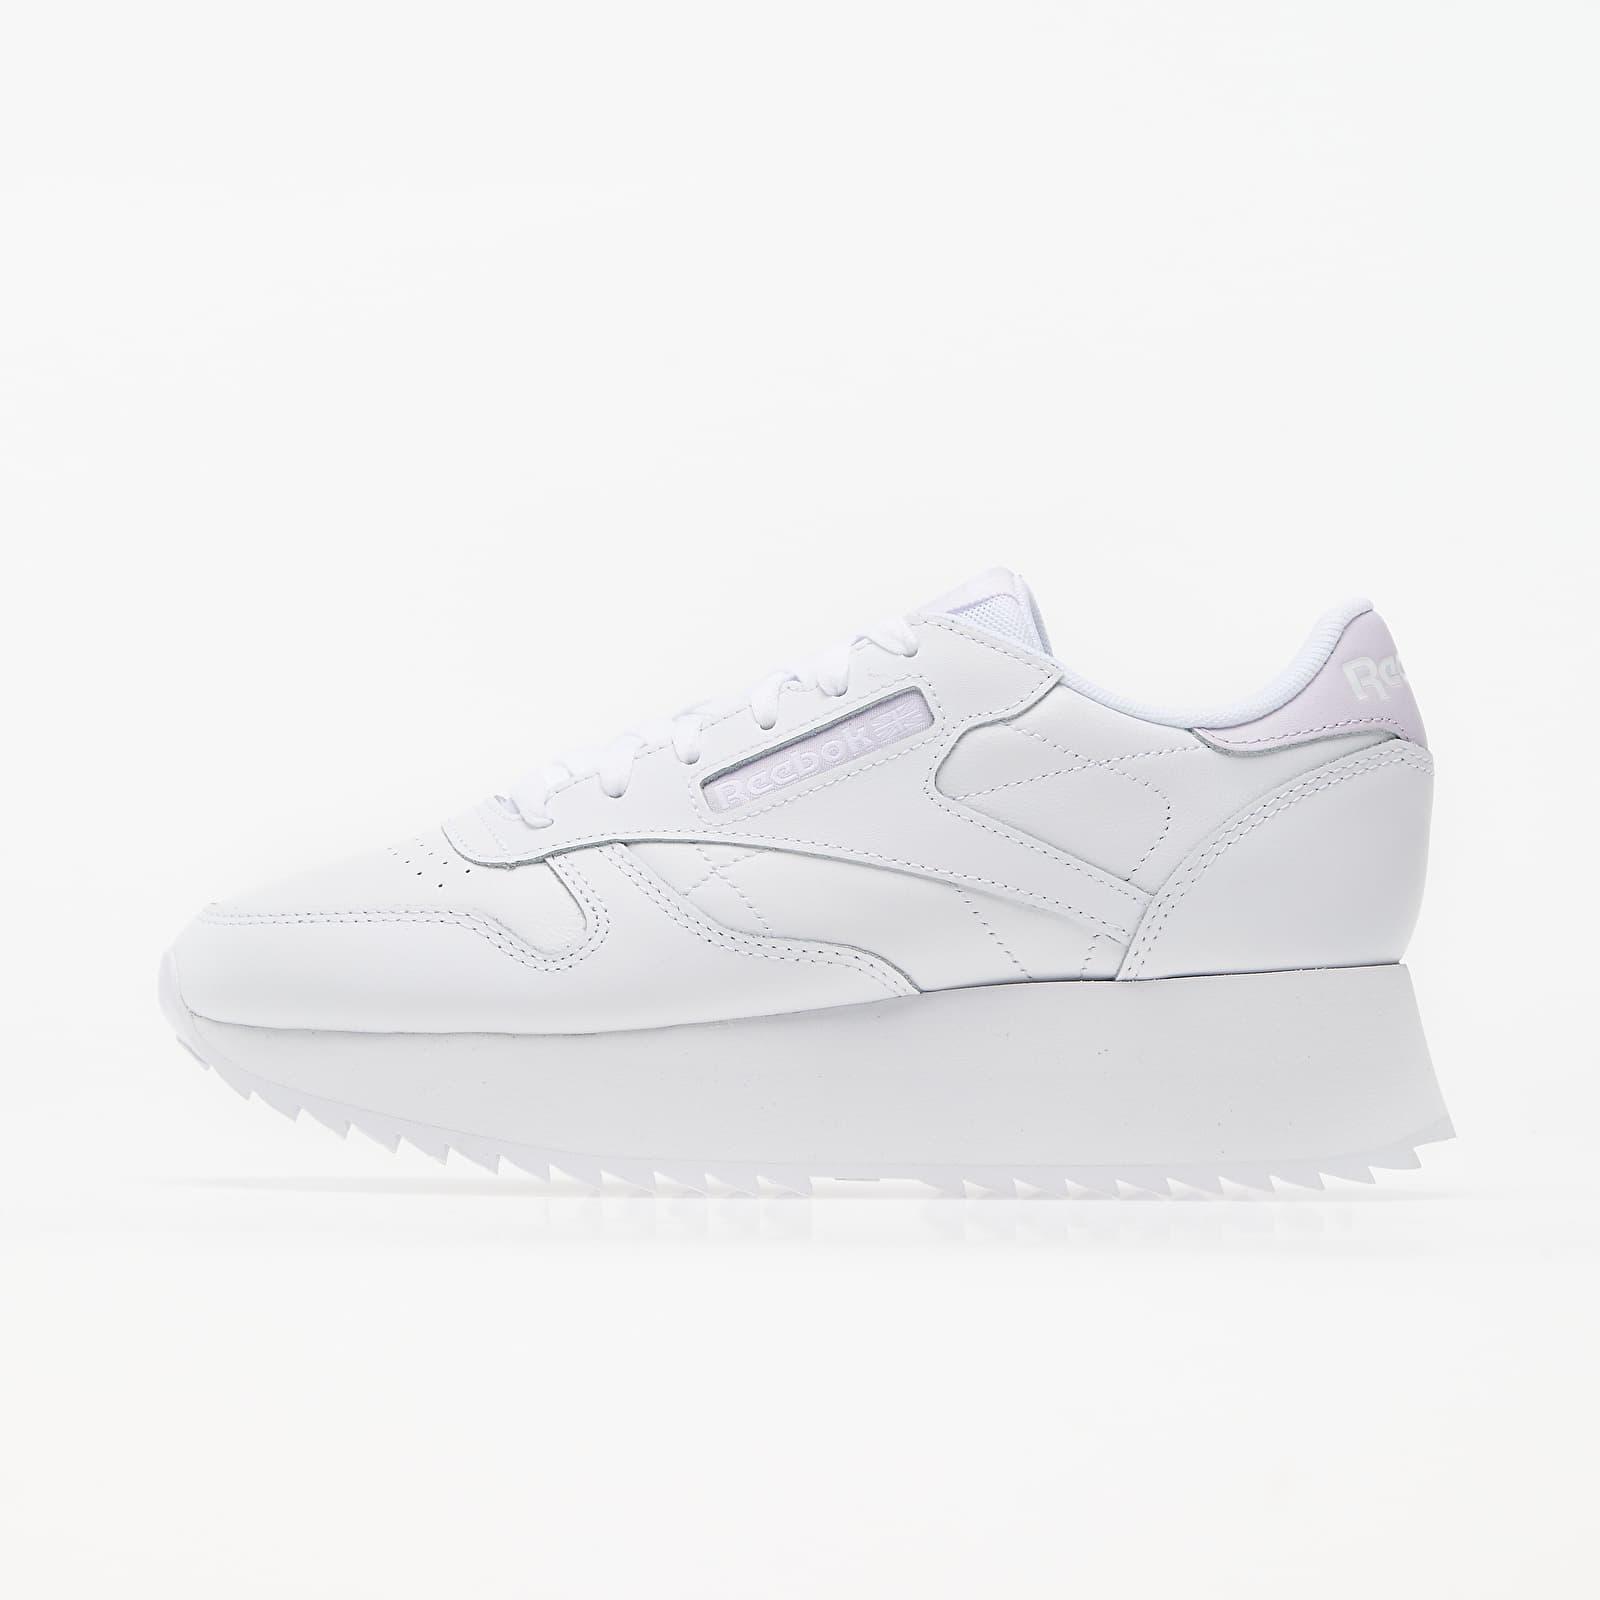 Reebok Club Leather Double White/ Luminous Lilac/ White EUR 40.5